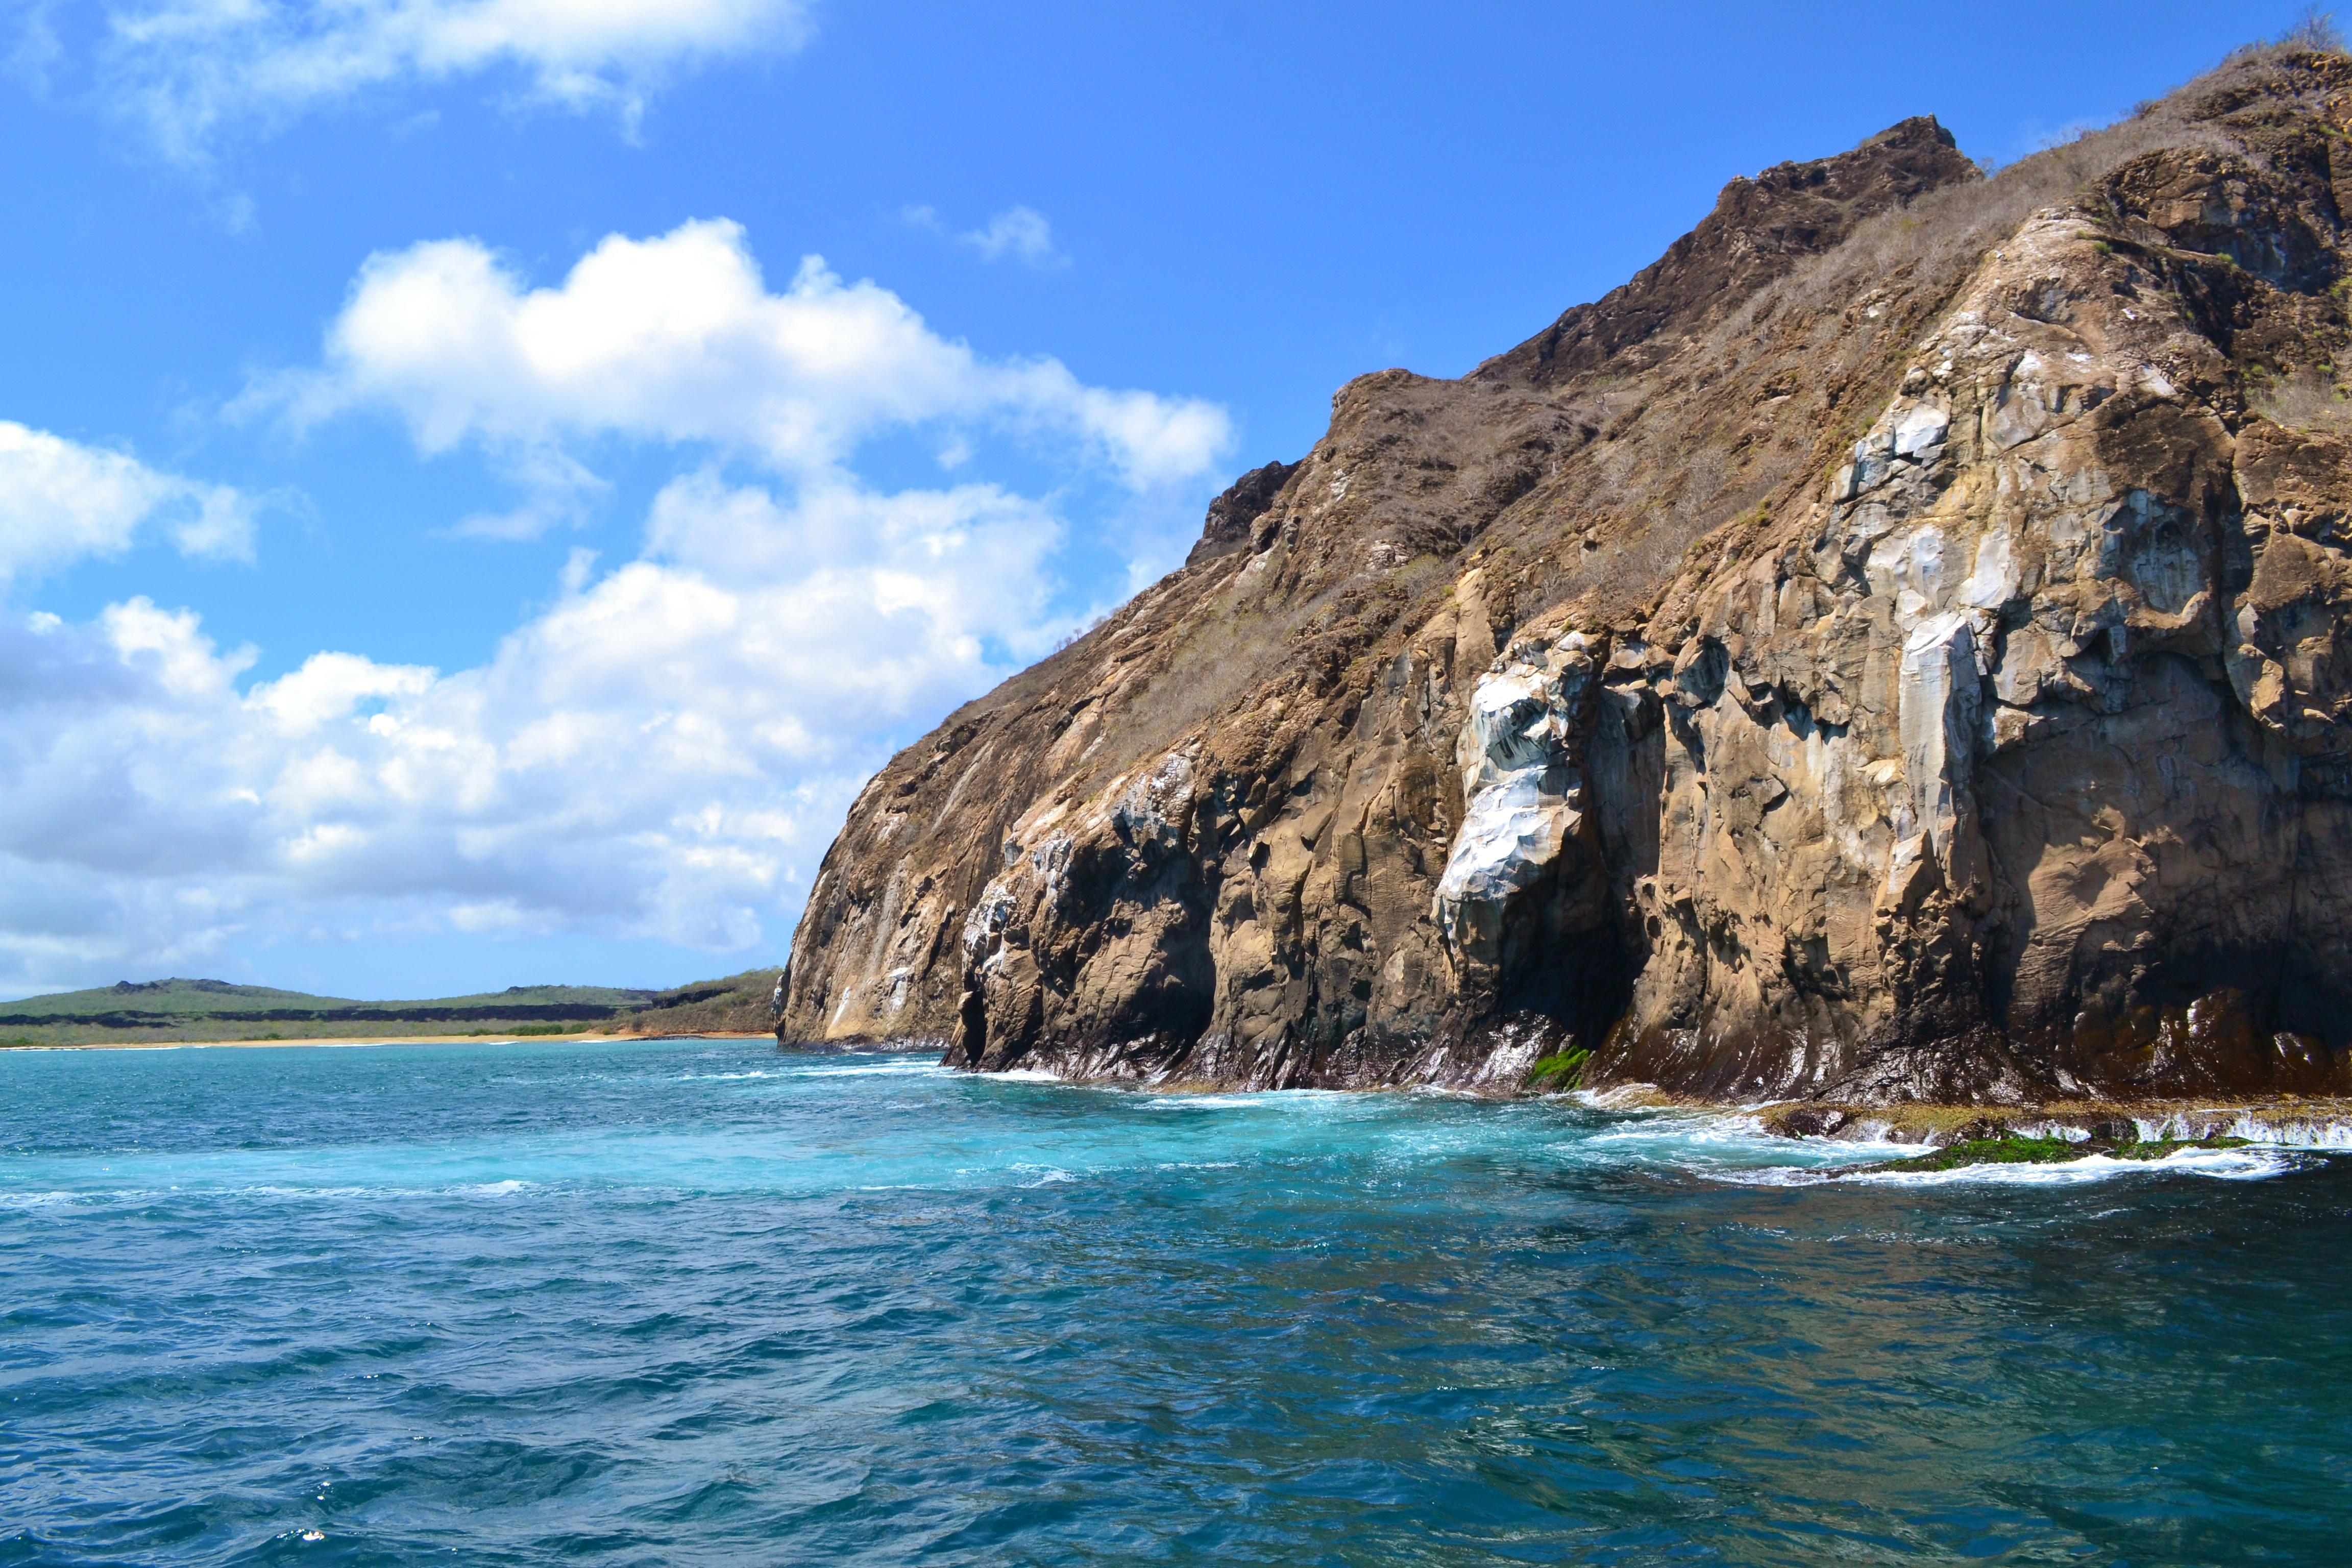 Islas de Galapagos cerro brujo